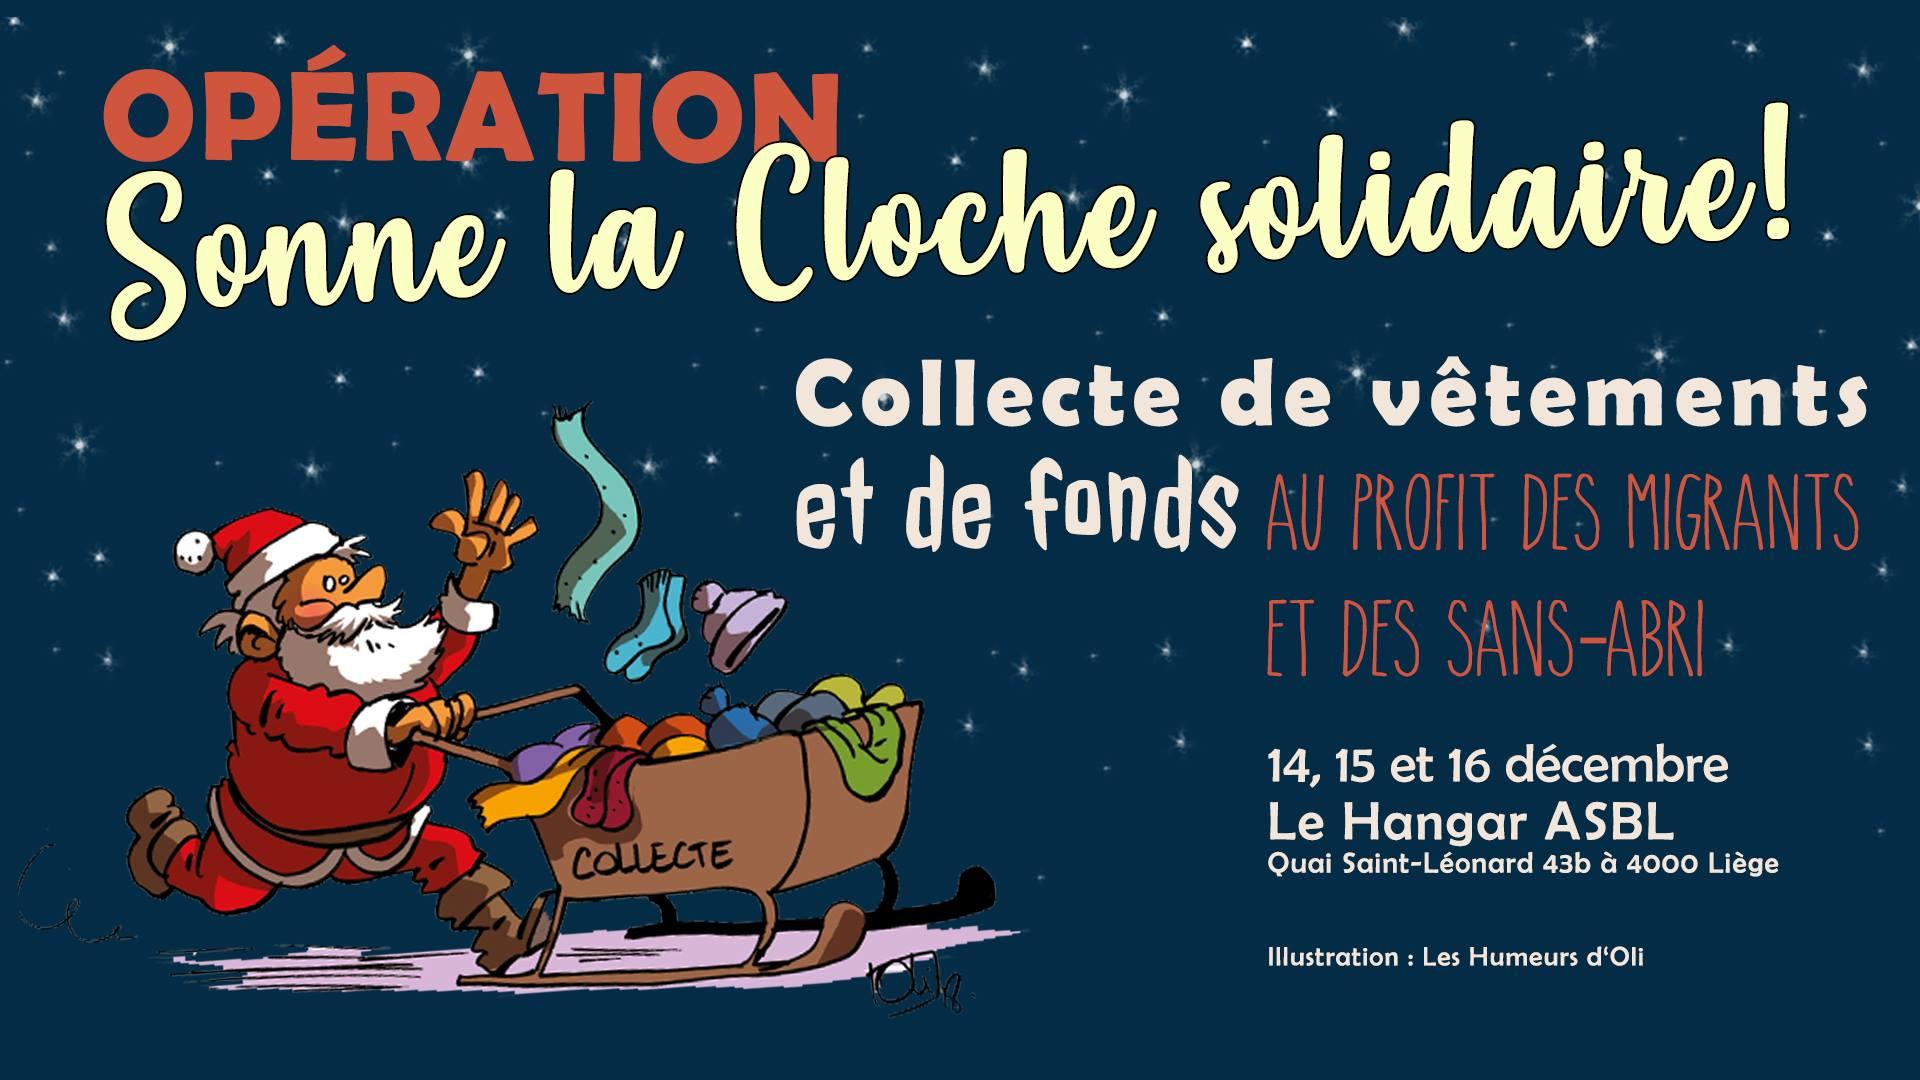 14, 15 et 16 décembre / Opération Sonne la Cloche solidaire!